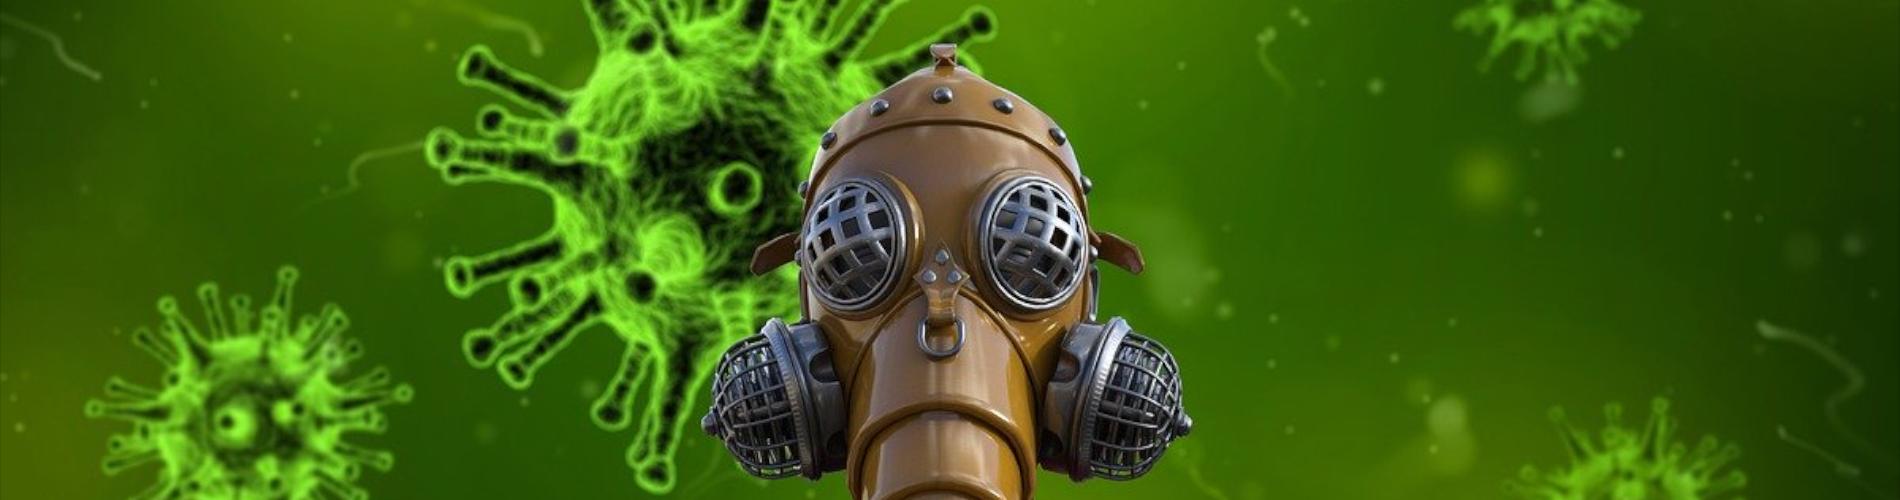 Koronawirus atakuje, ratunek i profesjonalna dezynfekcja, odkażanie miejsc publicznych.